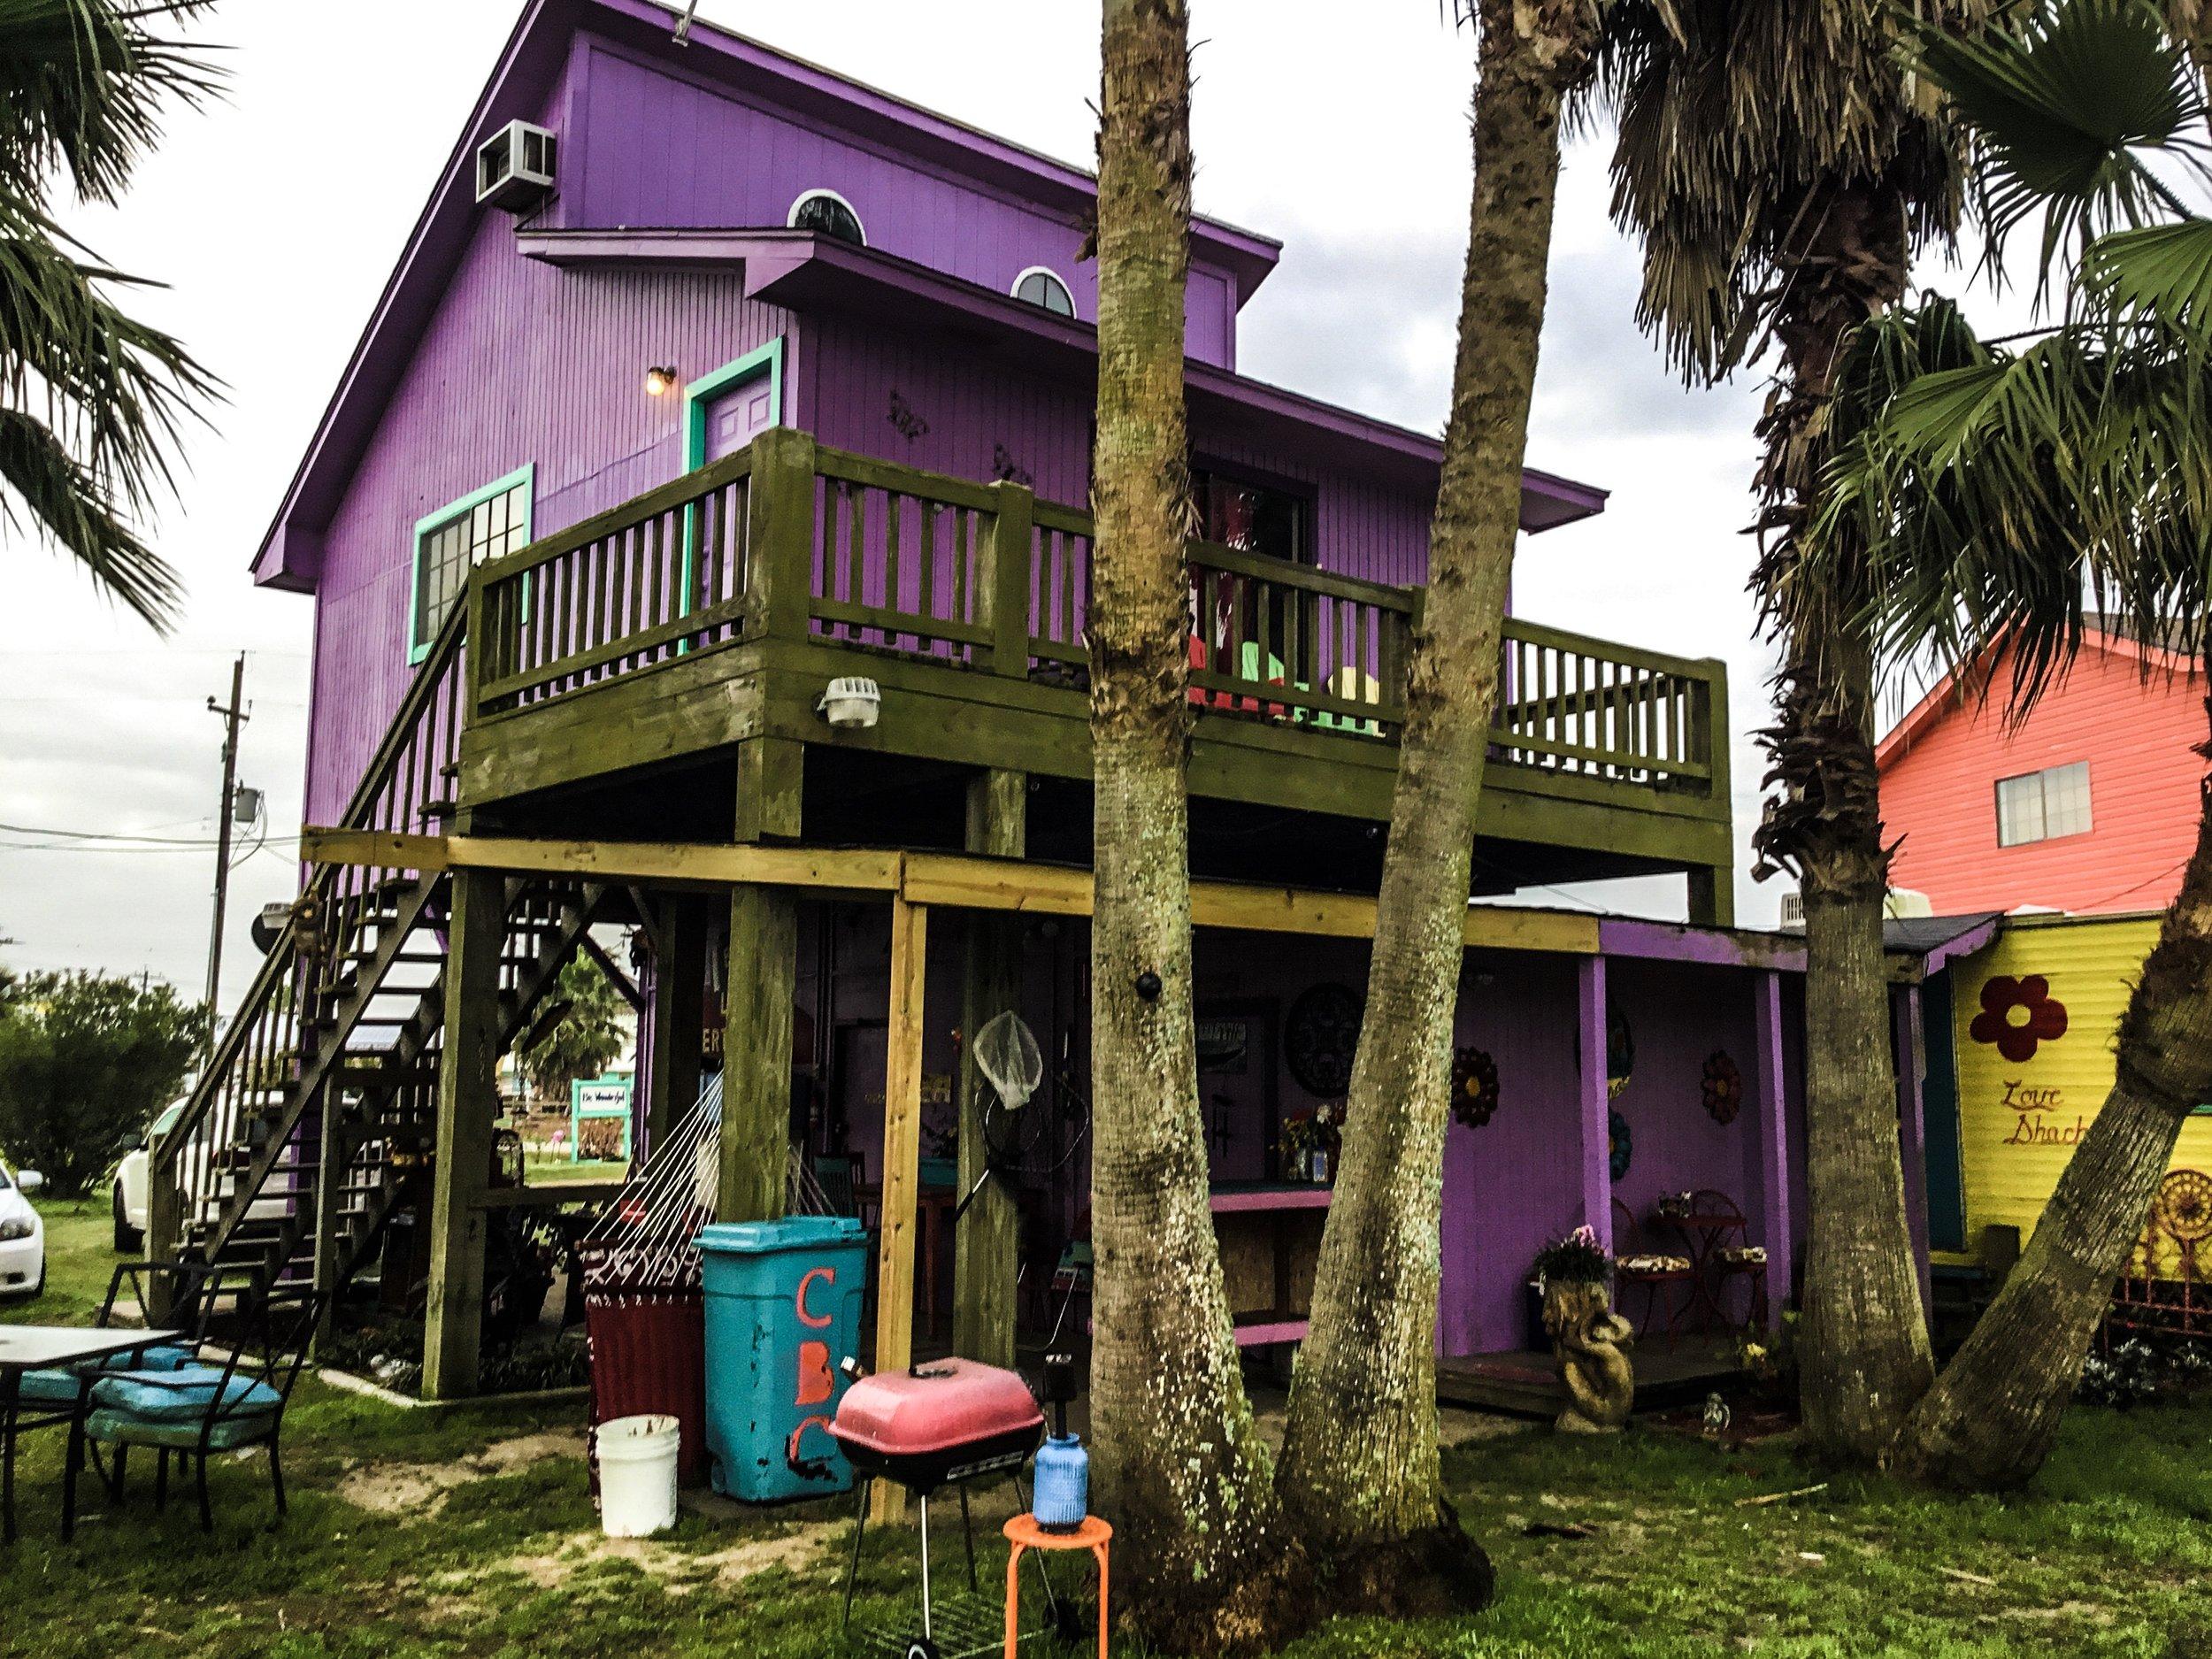 Cathouse cabana